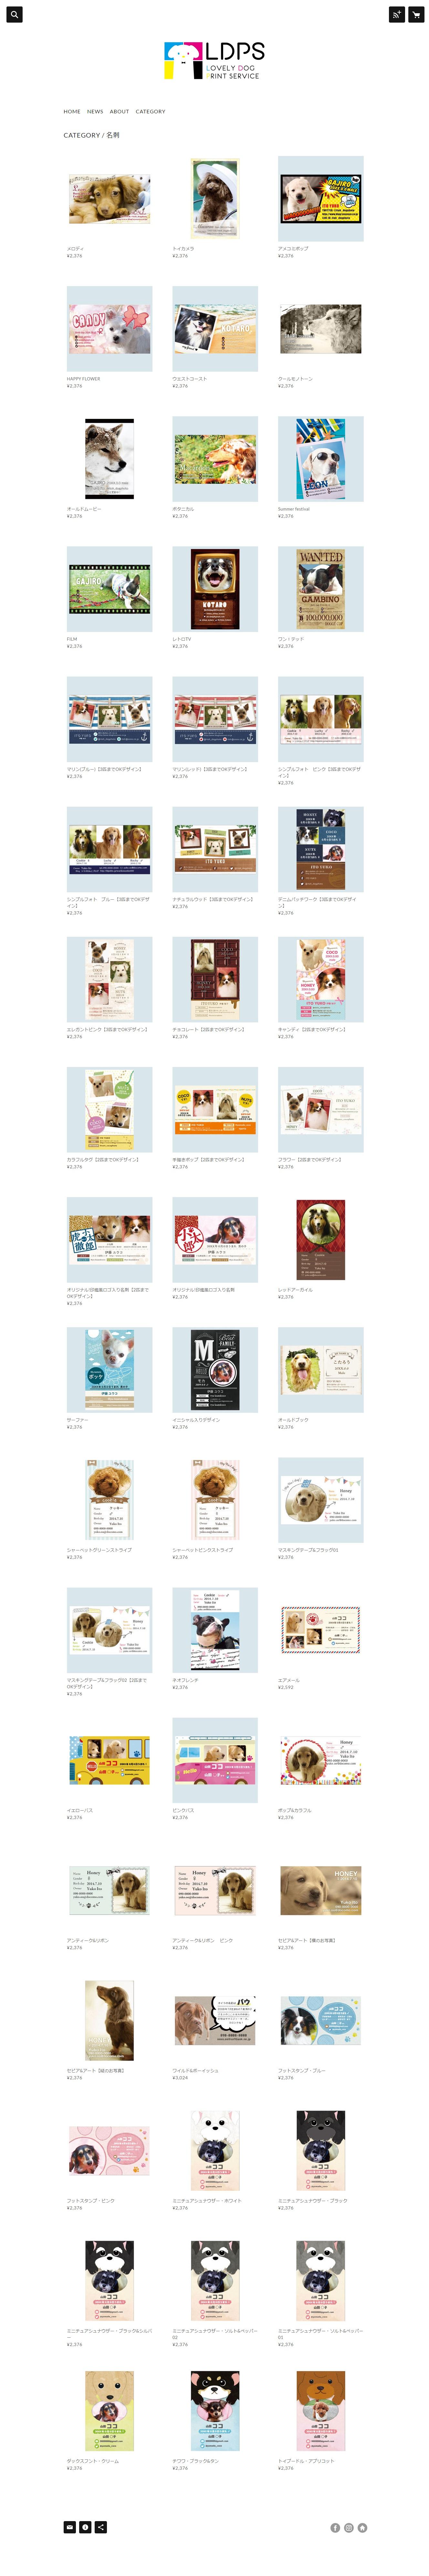 ギャラリー http://dog-print.com/?category=%E5%90%8D%E5%88%BA